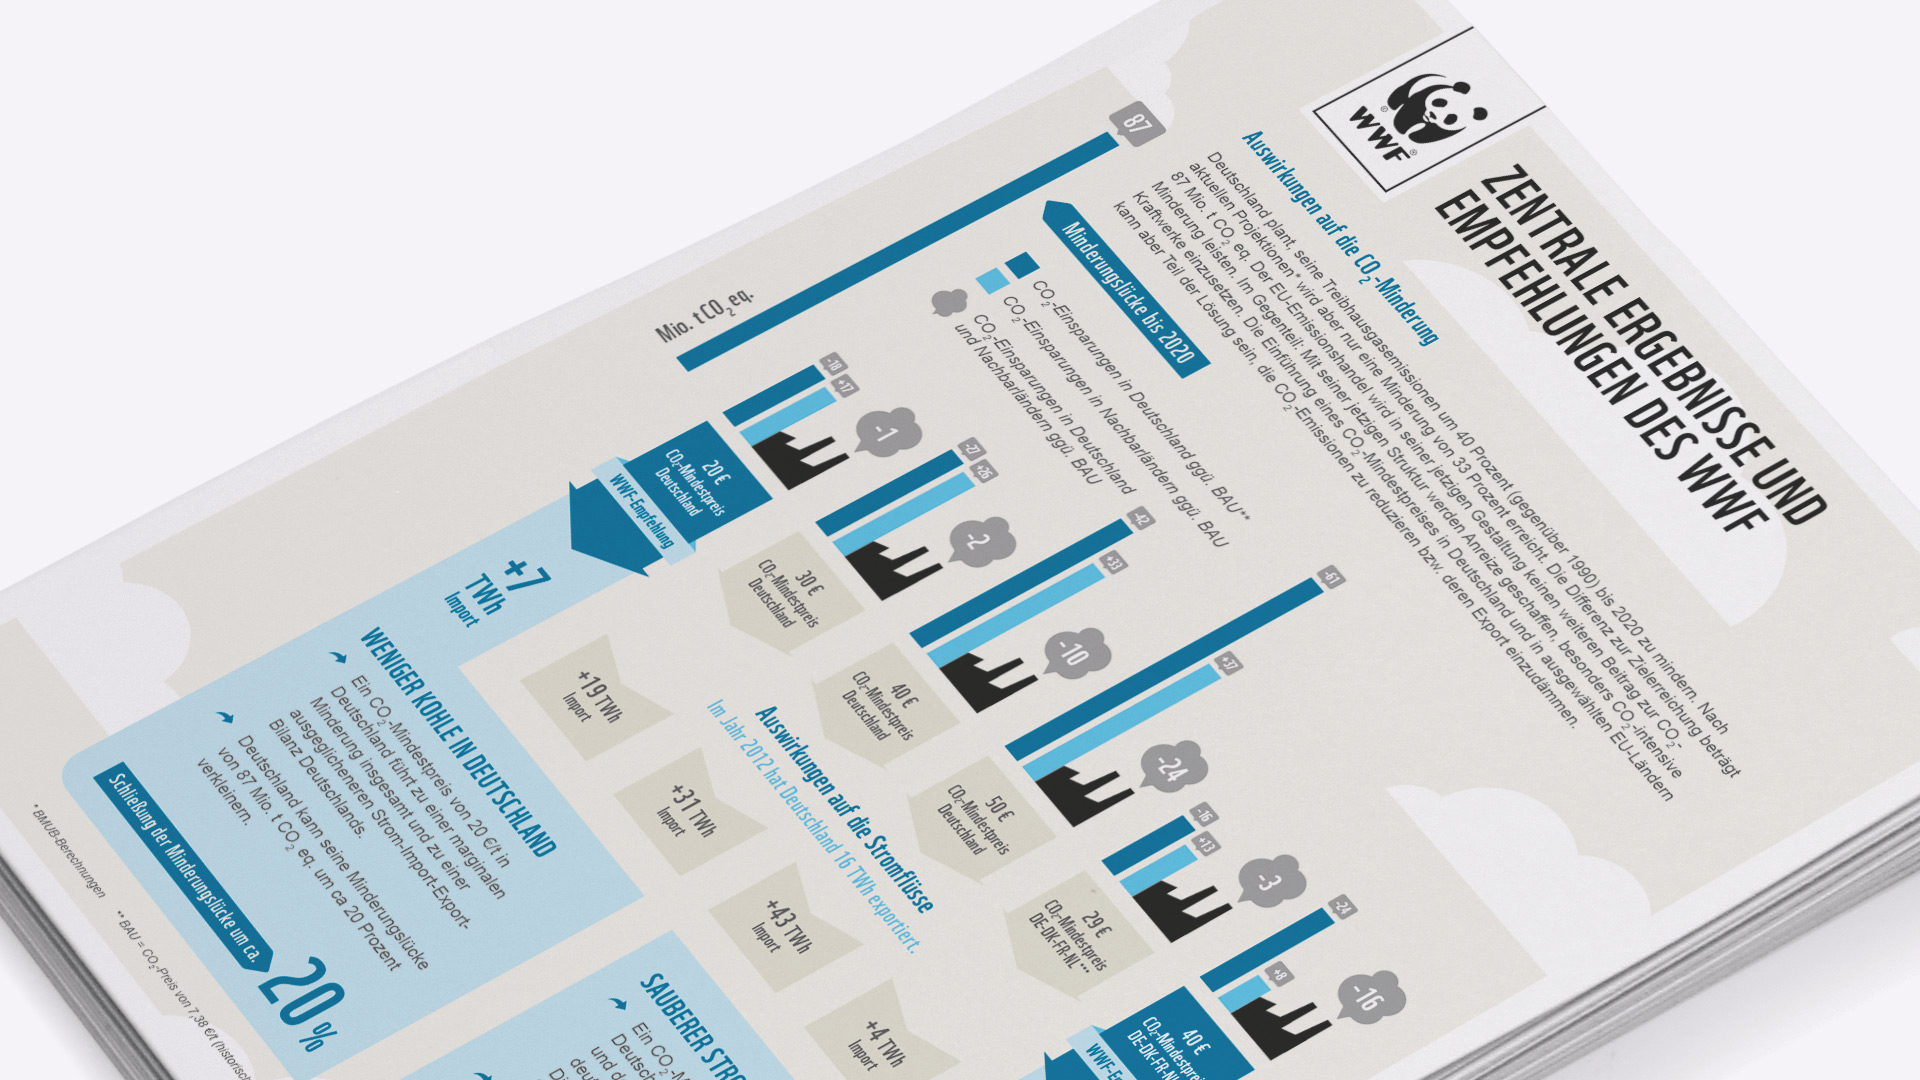 Infografik zu den Auswirkungen auf die CO2 Minderung, WWF-Studie